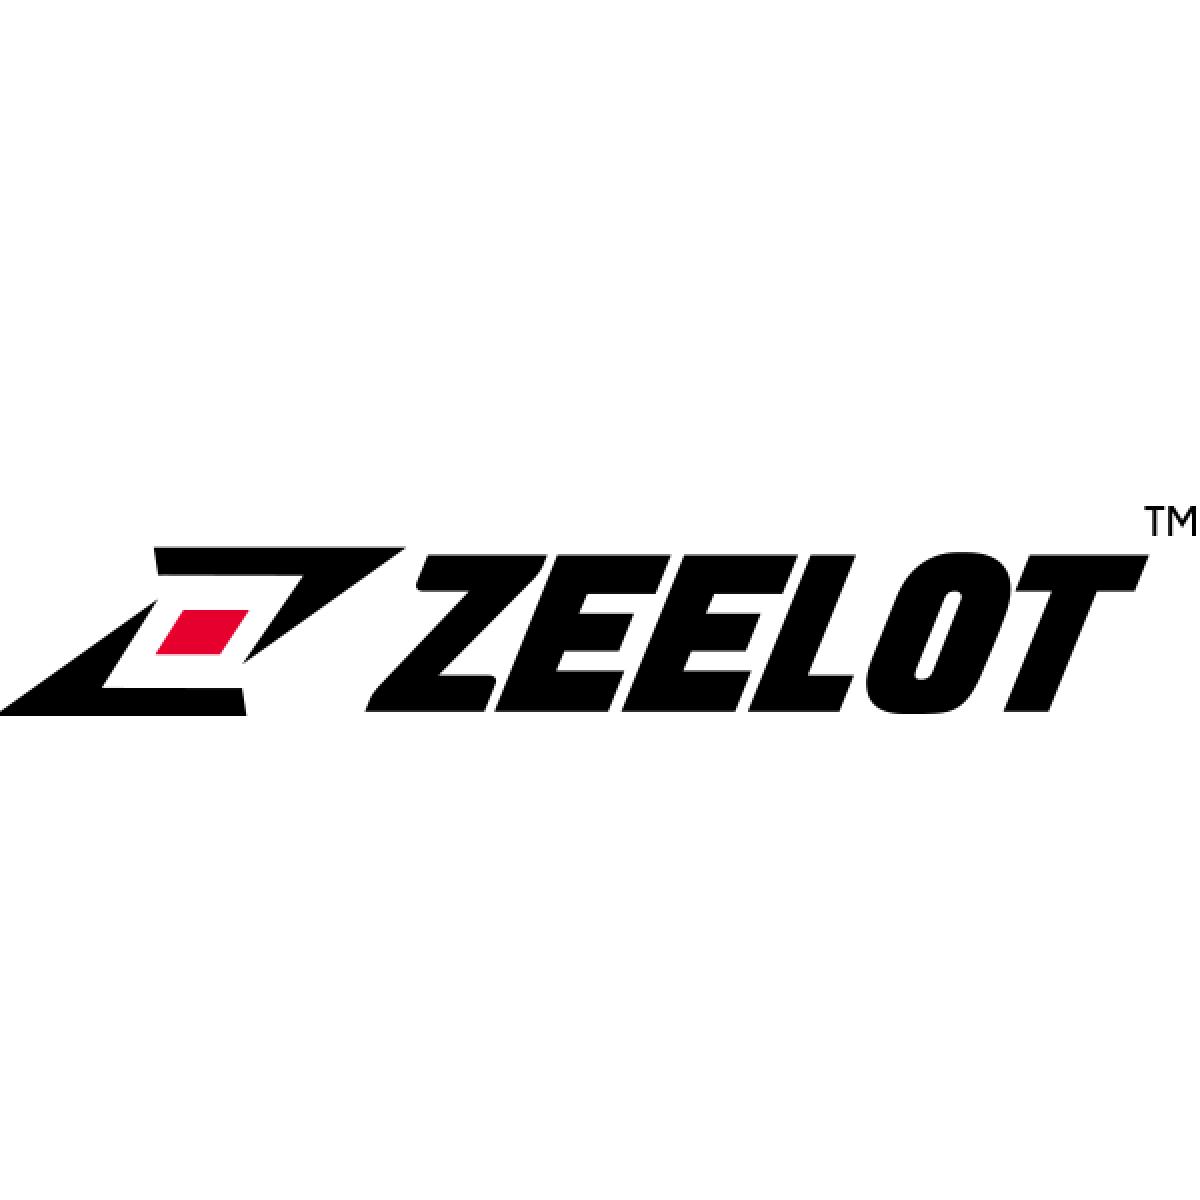 Zeelot